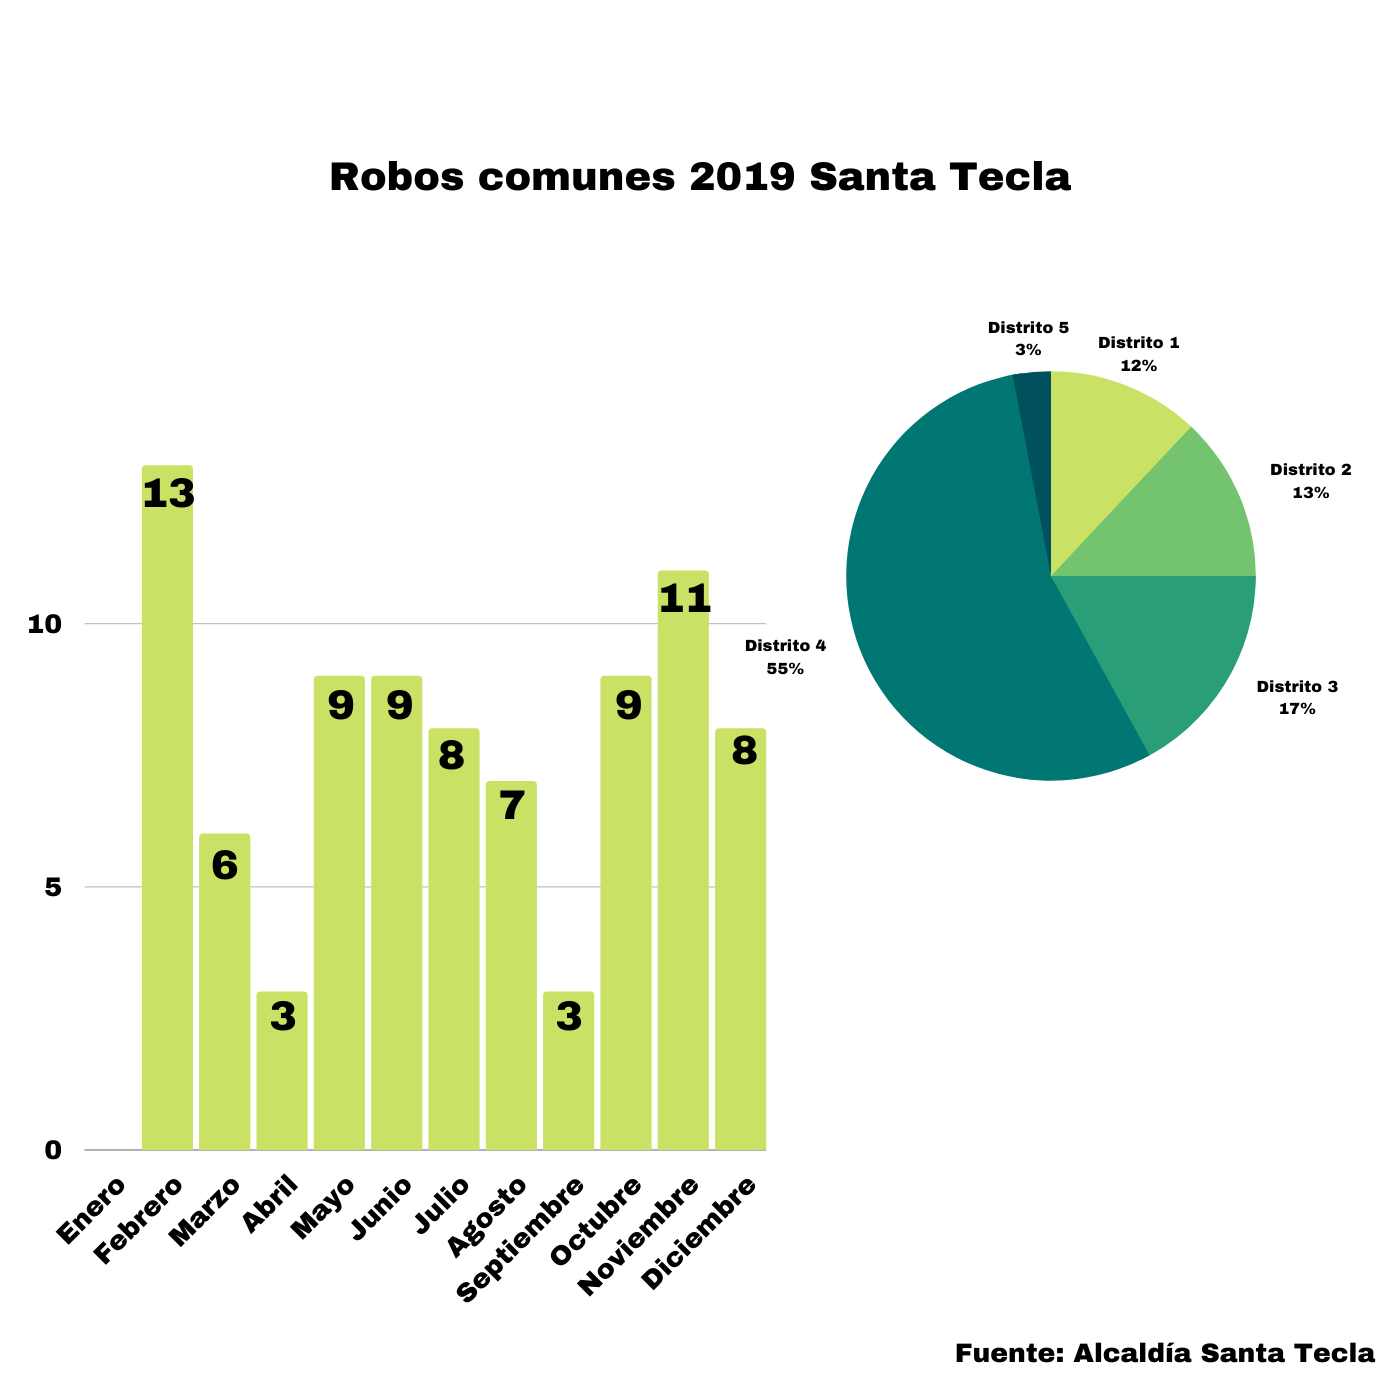 El Incremento De La Seguridad El Decrecimiento De Robos Y Hurtos En Santa Tecla. Robos comunes 2019. Infografía. Roberto d'Aubuisson. 2020